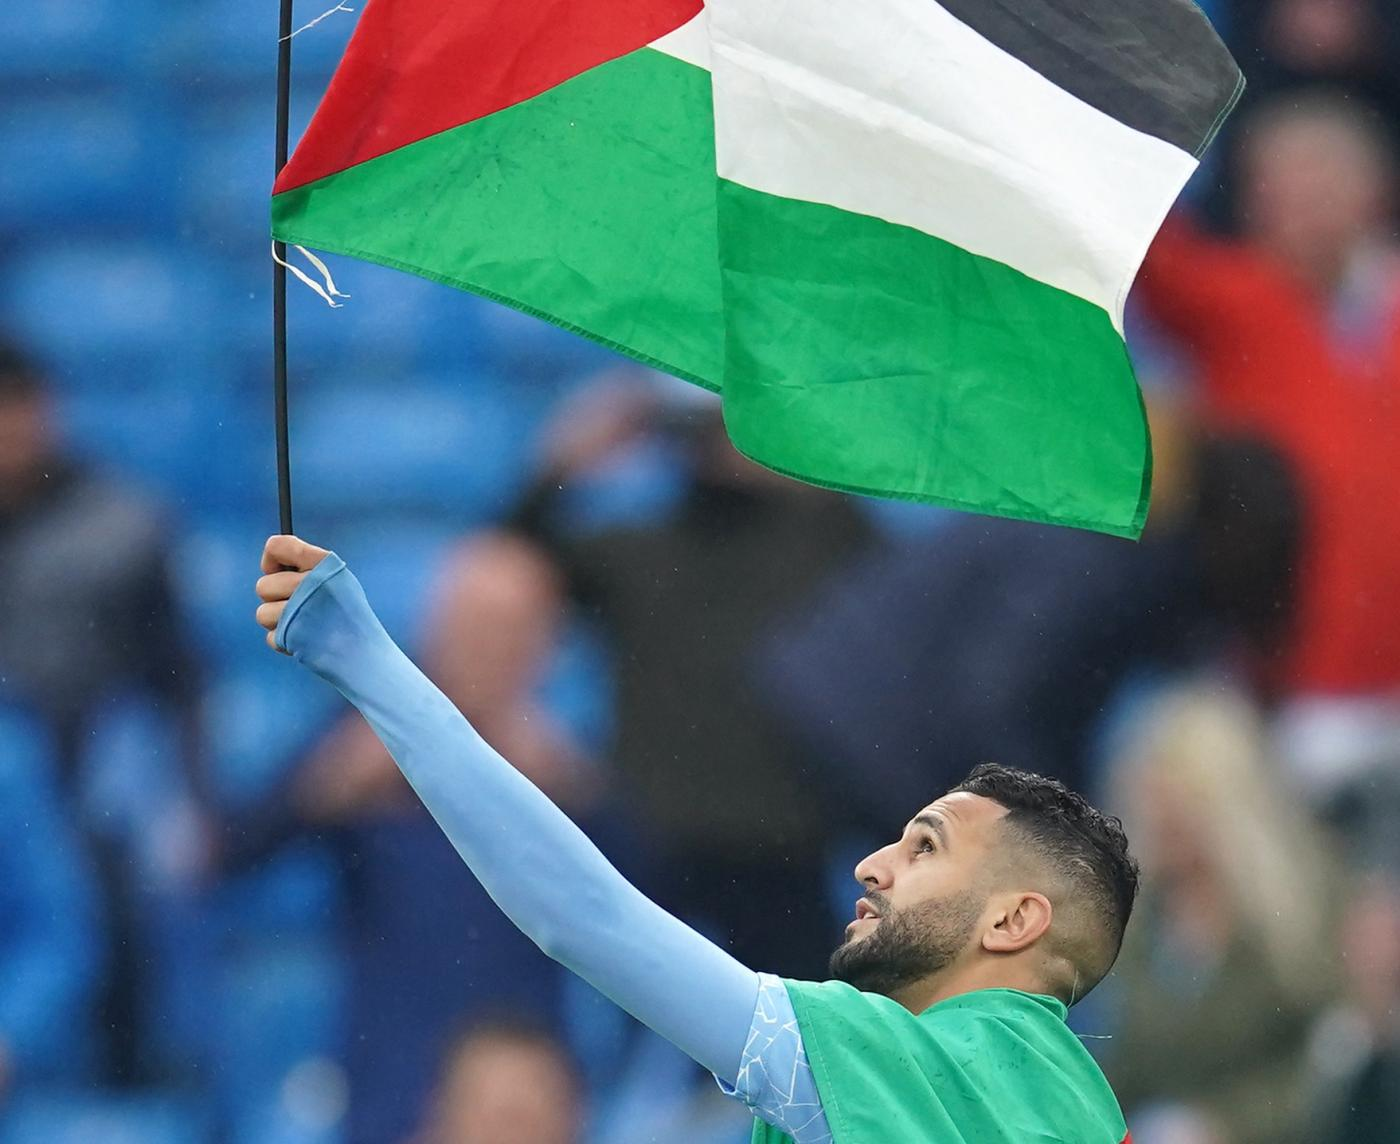 Fine della finale di Premier League tra Manchester ed Everton: Riyad Mahrez sventola bandiera palestinese, 23 maggio 2021 (AFP / Dave Thompson)